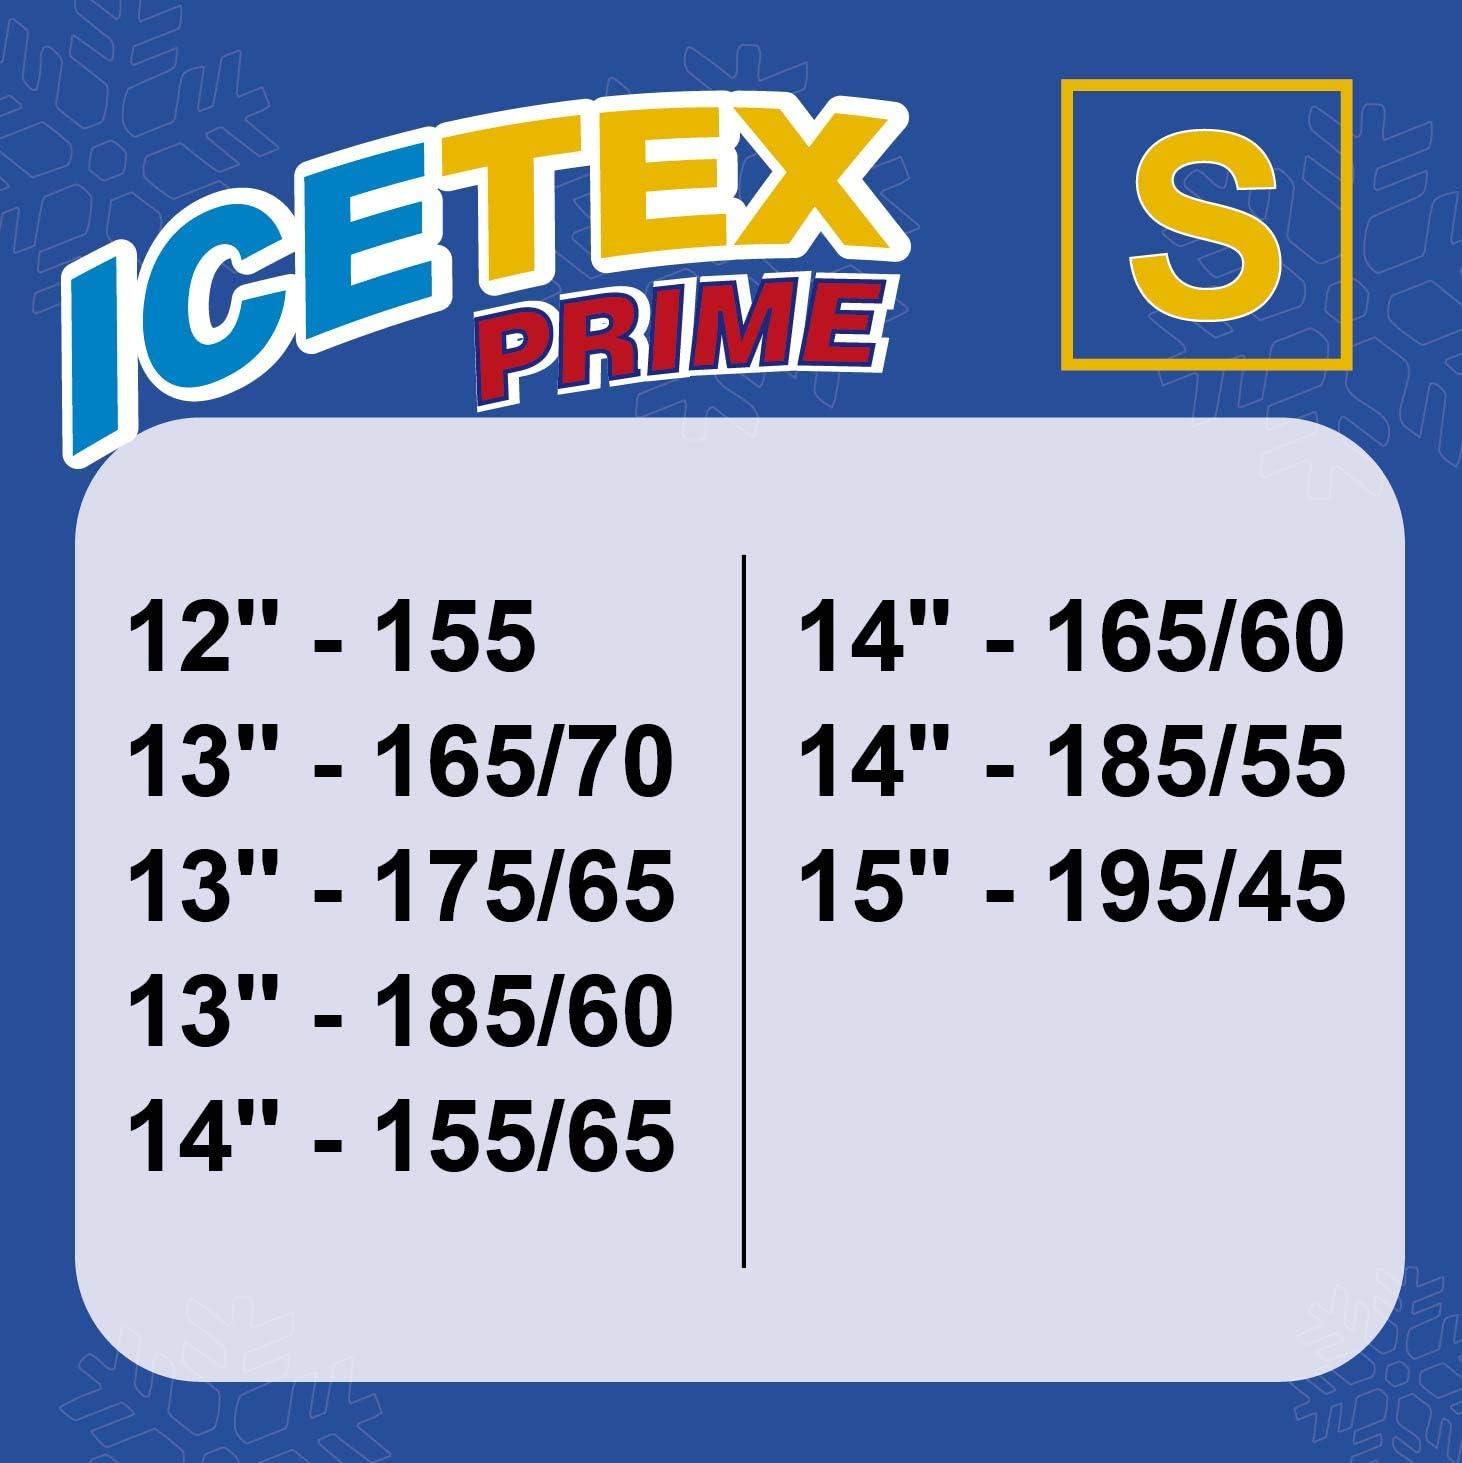 Adh/érence Maximale - 3405.0051805 Chaussettes Textiles Antid/érapantes Taille F ICETEX PRIME Chaine De Neige Textile